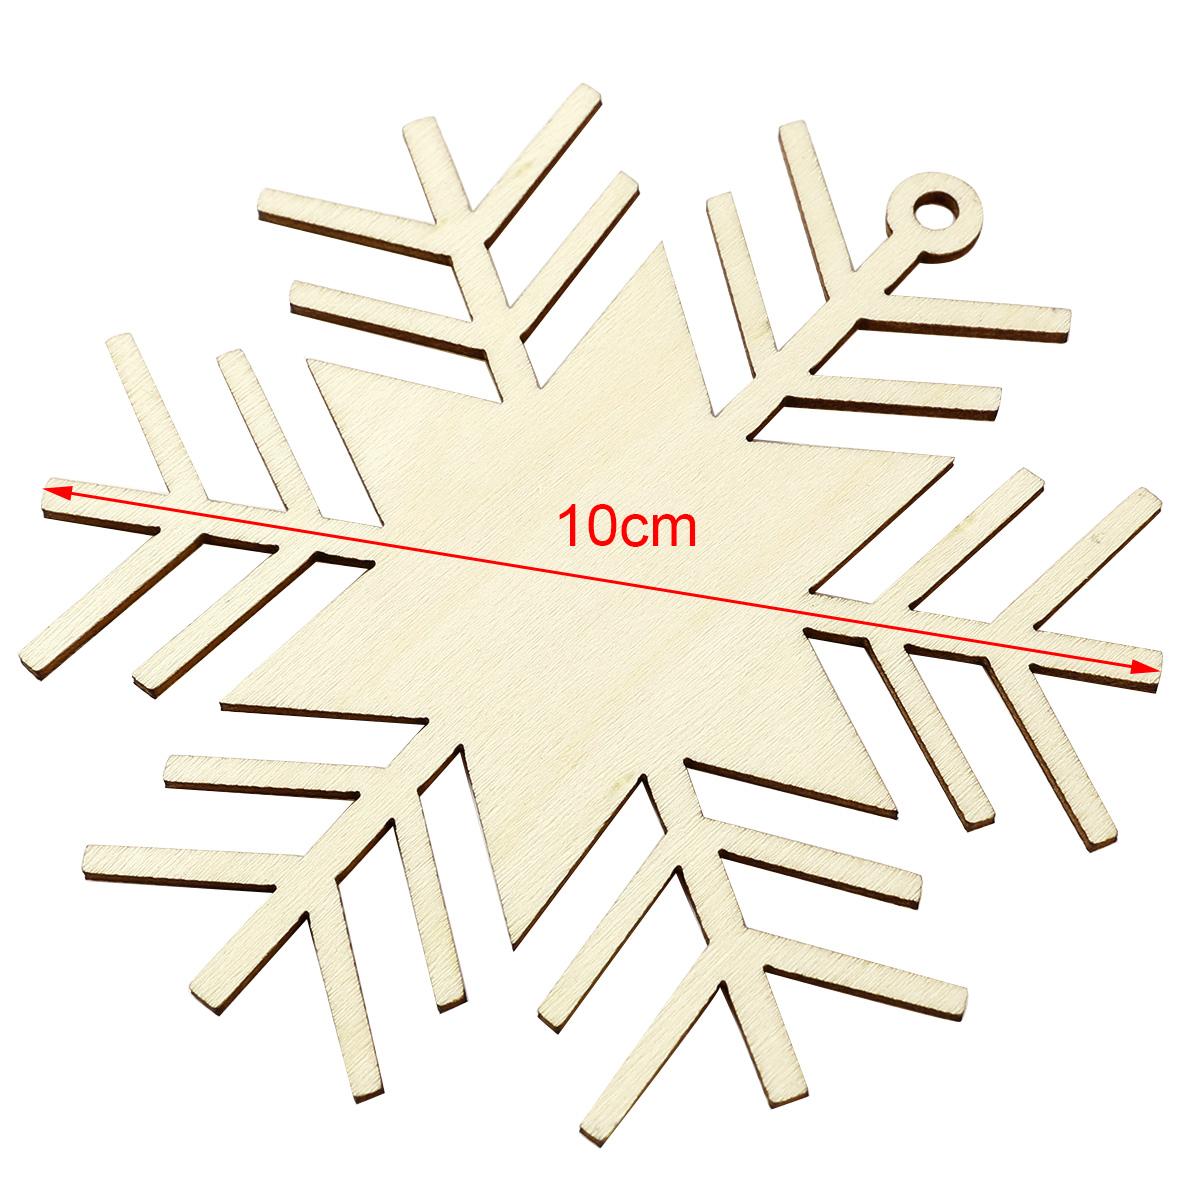 40 x 10cm Holz Anhänger Hänge-Etiketten Weihnachten ...